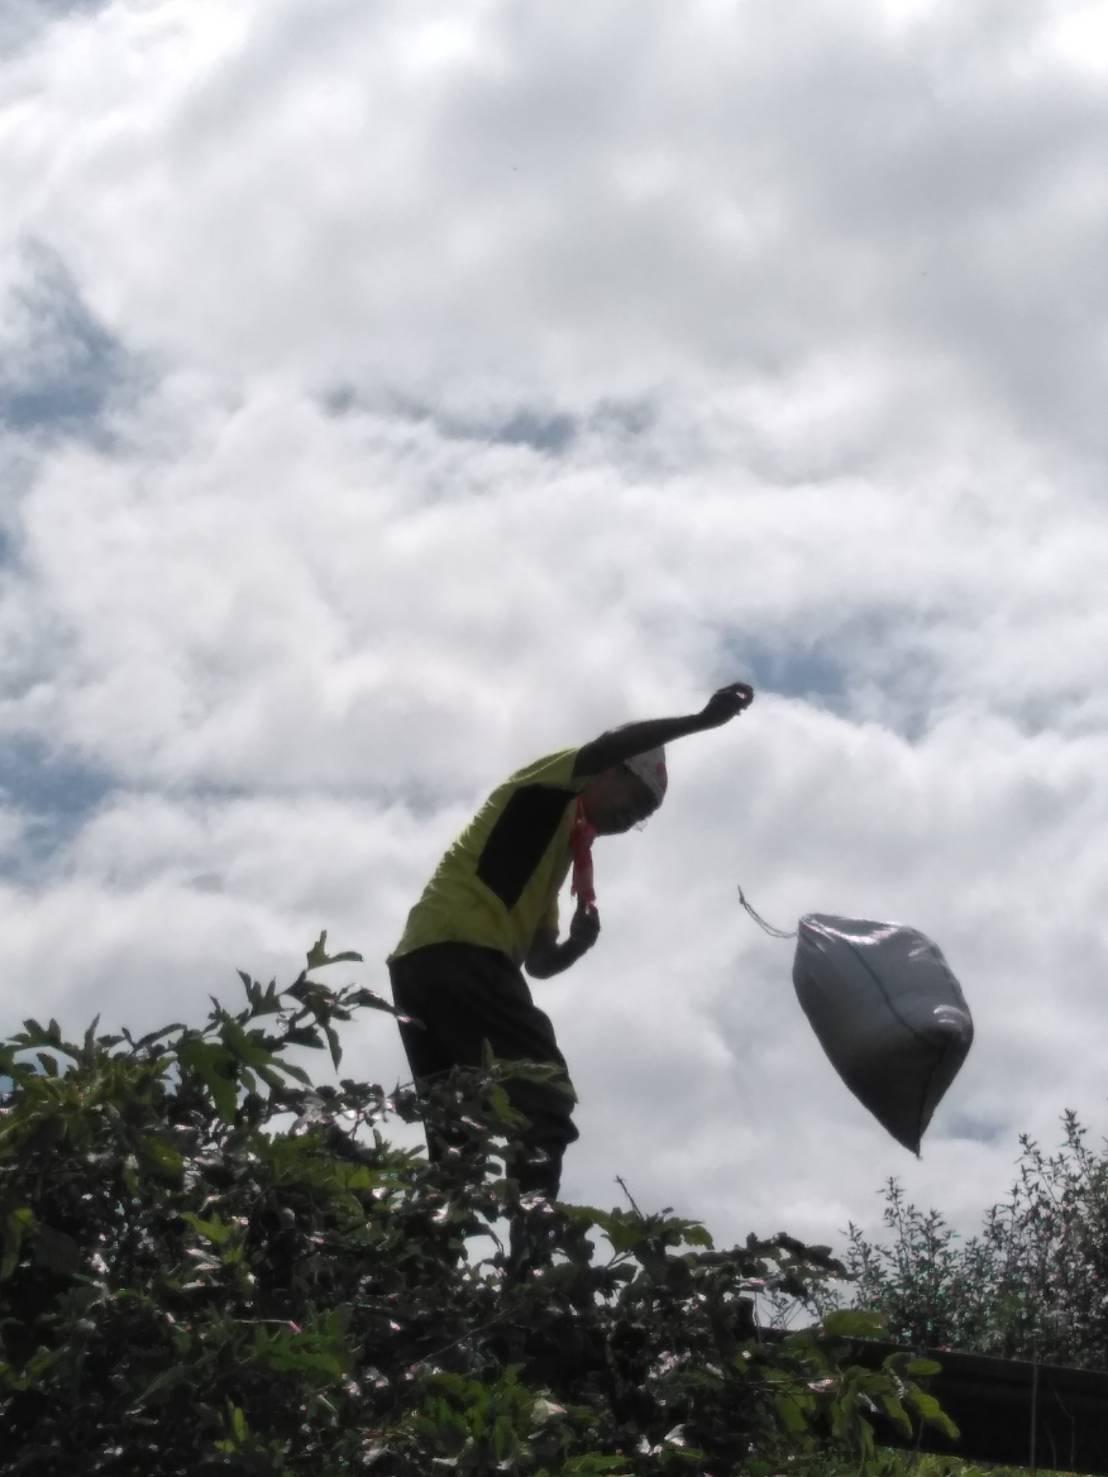 台風15号が来る前に 堆肥の運び入れ 長ねぎの土寄せ・・パラソルやテーブル椅子の養生_c0222448_12483807.jpg